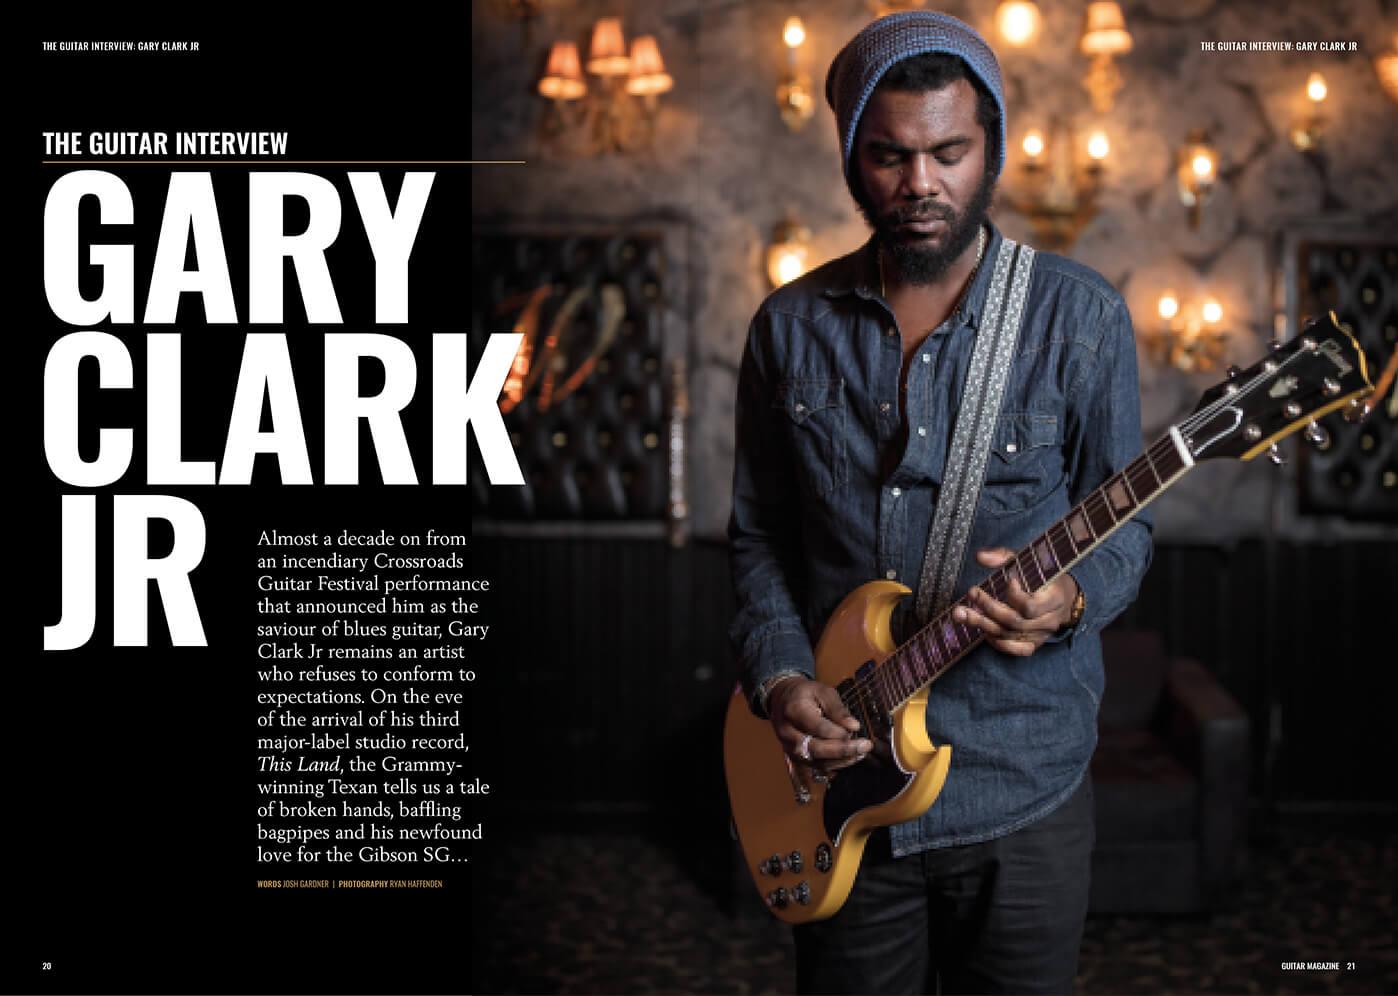 Gary Clark Jr interview